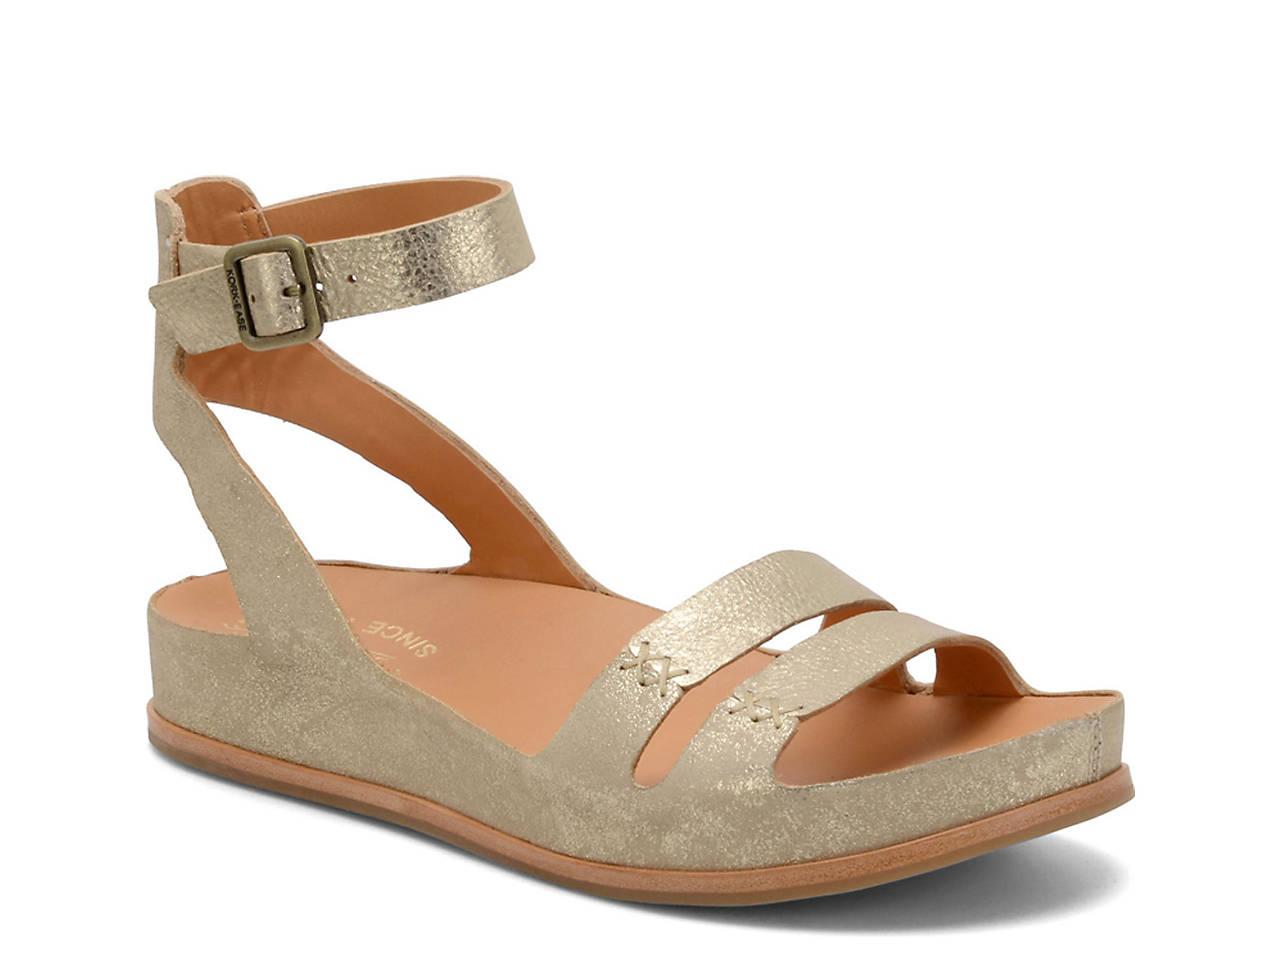 Kork-Ease Women's Kork-Ease 'Audrina' Ankle Strap Sandal SkTu6nG